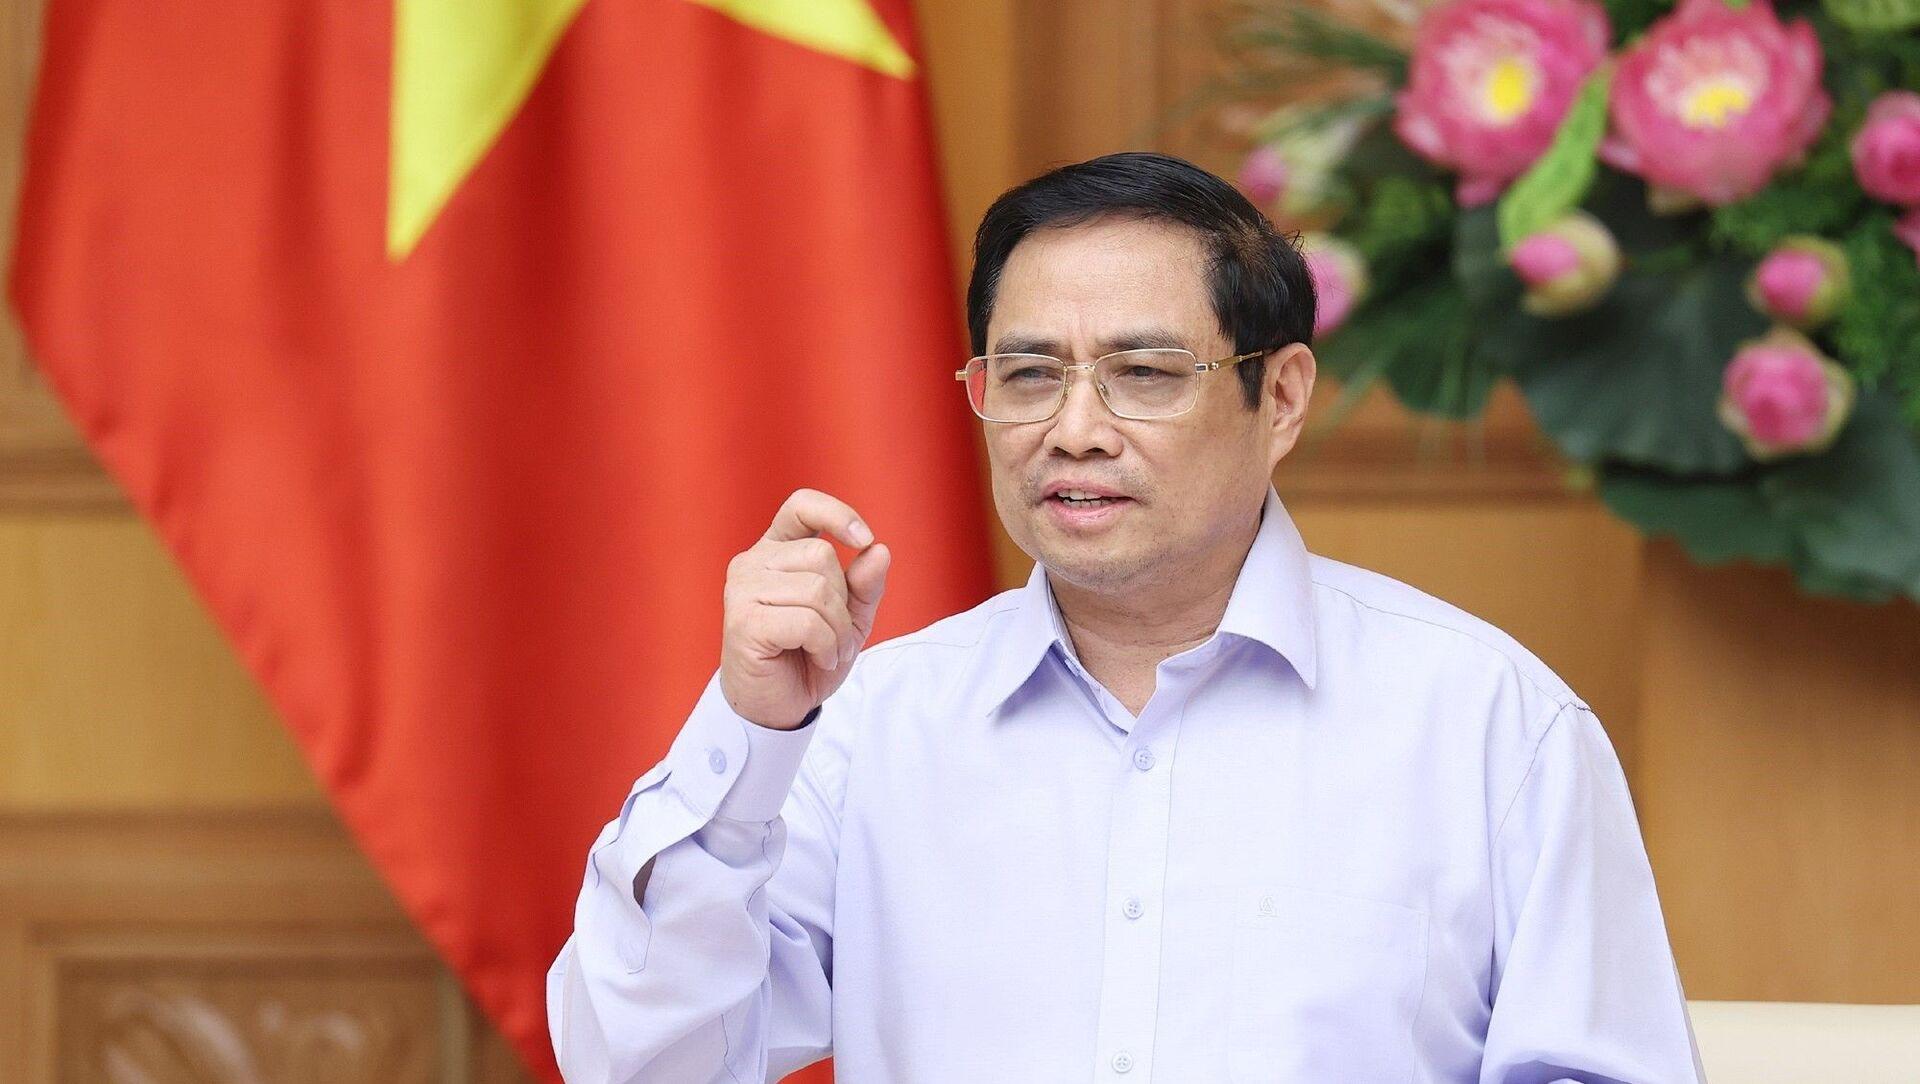 Thủ tướng Phạm Minh Chính phát biểu tại Hội nghị trực tuyến Chính phủ với doanh nghiệp, hiệp hội doanh nghiệp và các địa phương nhằm tìm giải pháp tháo gỡ khó khăn, thúc đẩy sản xuất kinh doanh trong bối cảnh dịch COVID-19 - Sputnik Việt Nam, 1920, 08.08.2021